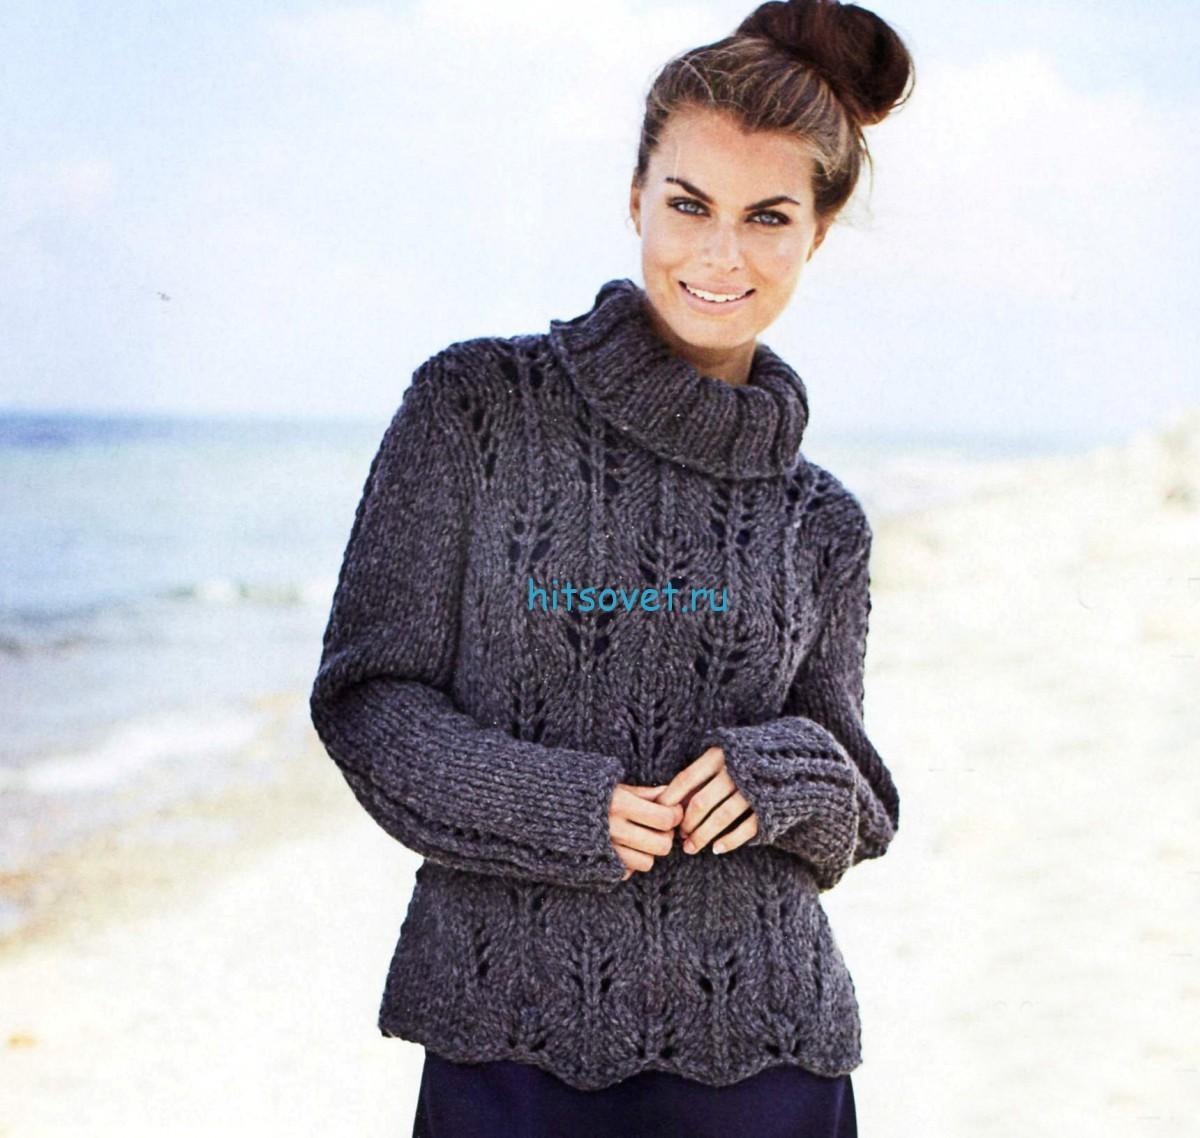 Вязаный свитер для женщин с ажурным узором, фото.